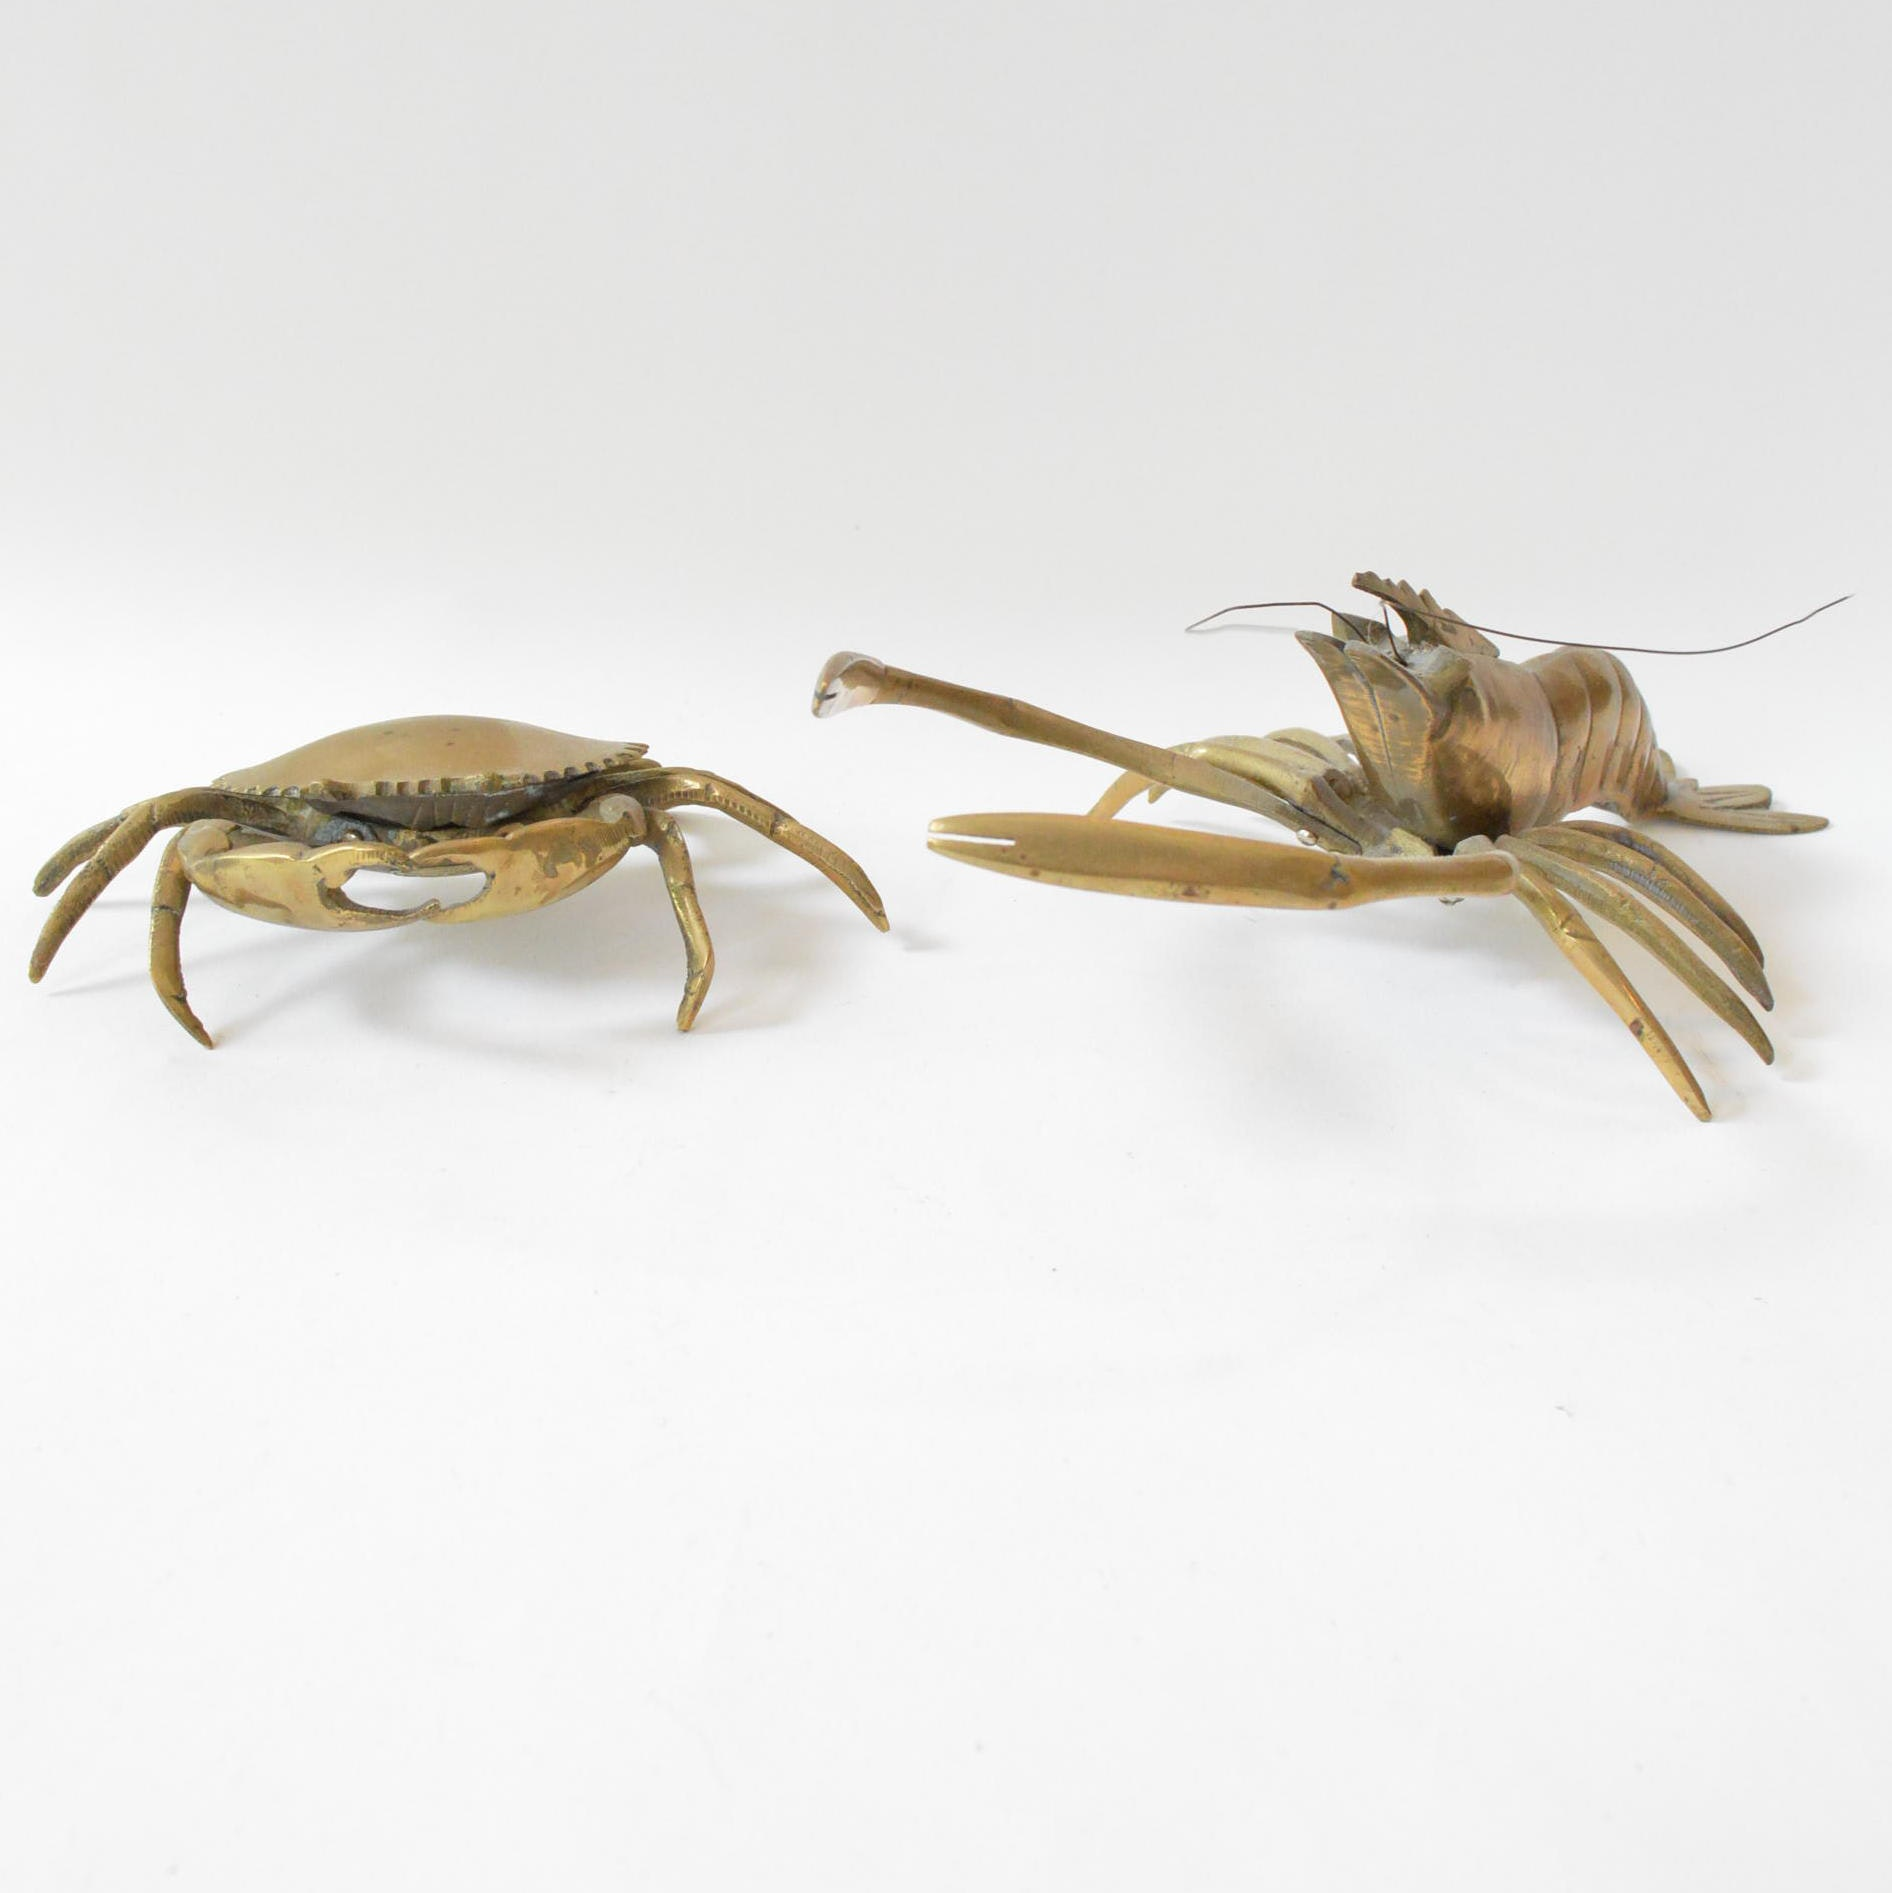 Brass Crustacean Figurines